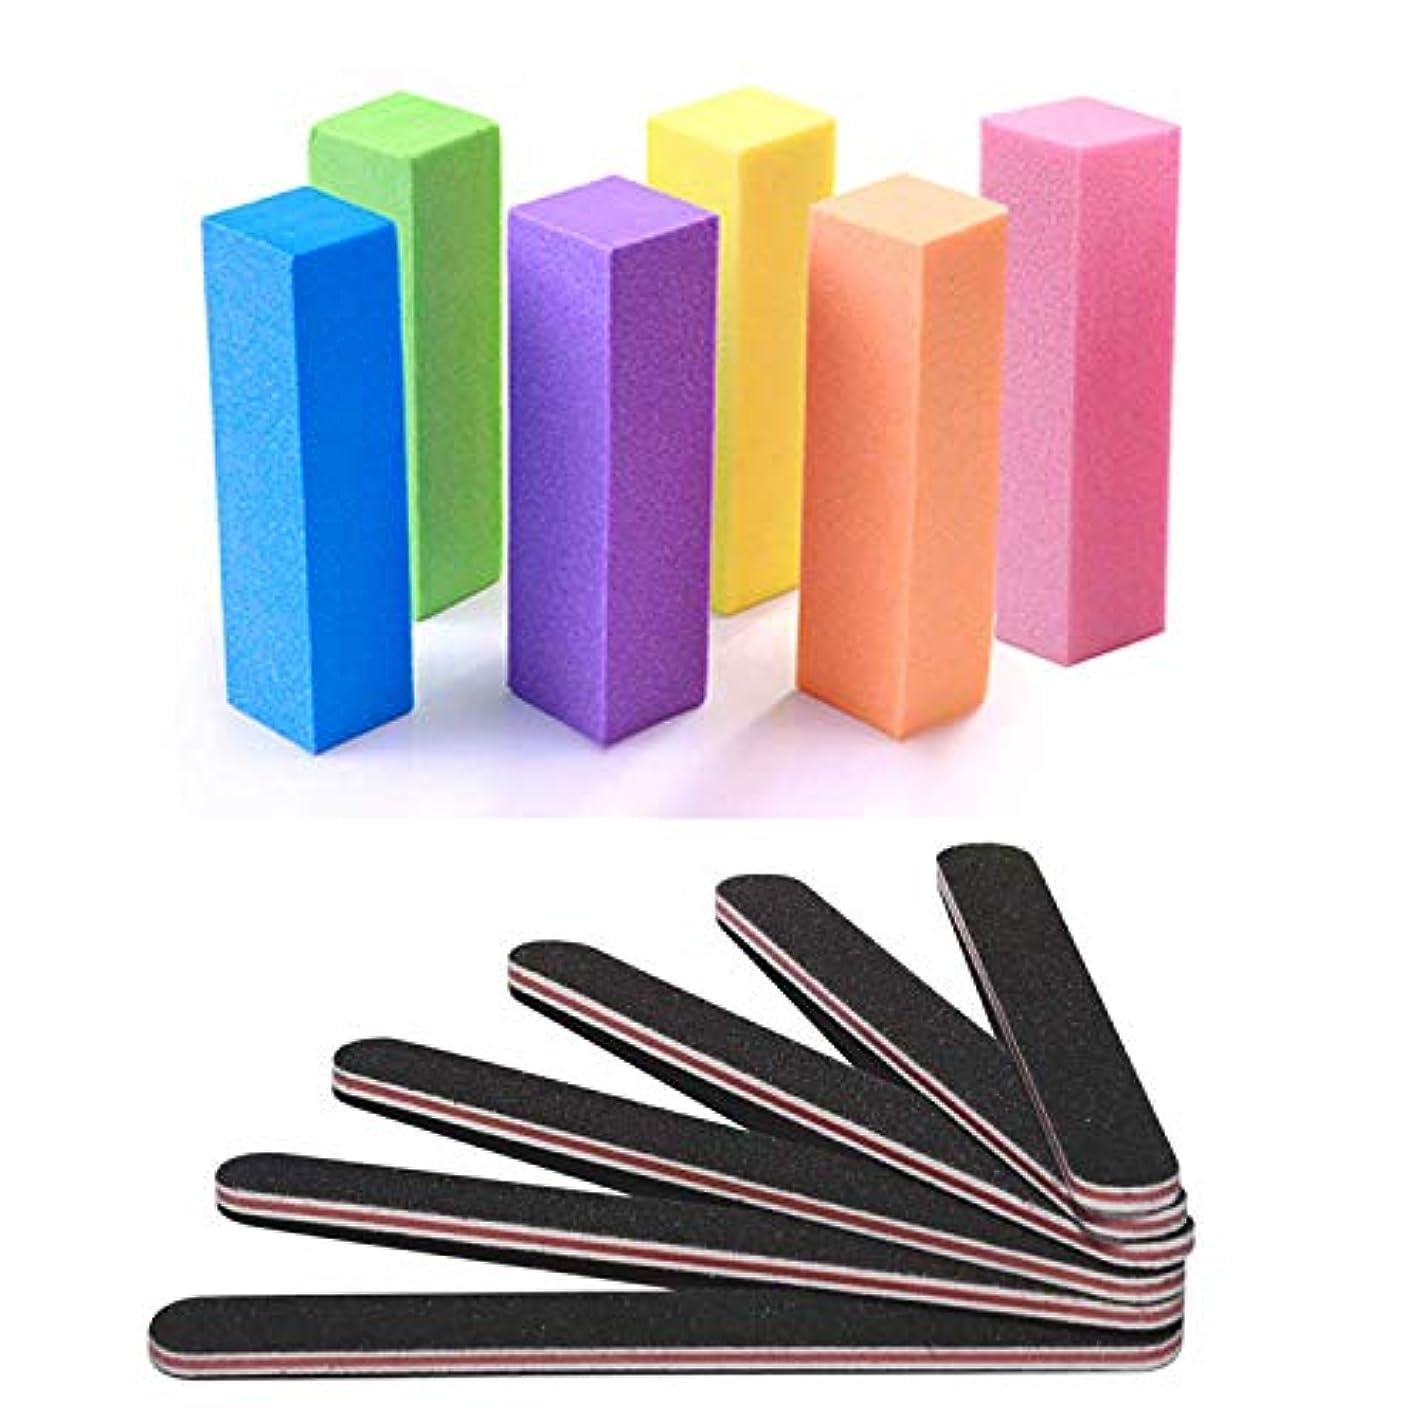 申し込むレプリカ電圧Petiwa 爪やすり 爪磨き つめやすり甘皮 ケア ネイルシャイナー ネイルをつやつやに スポンジファイル ソフトファイル 両面使えるエメリーボード (12本入)